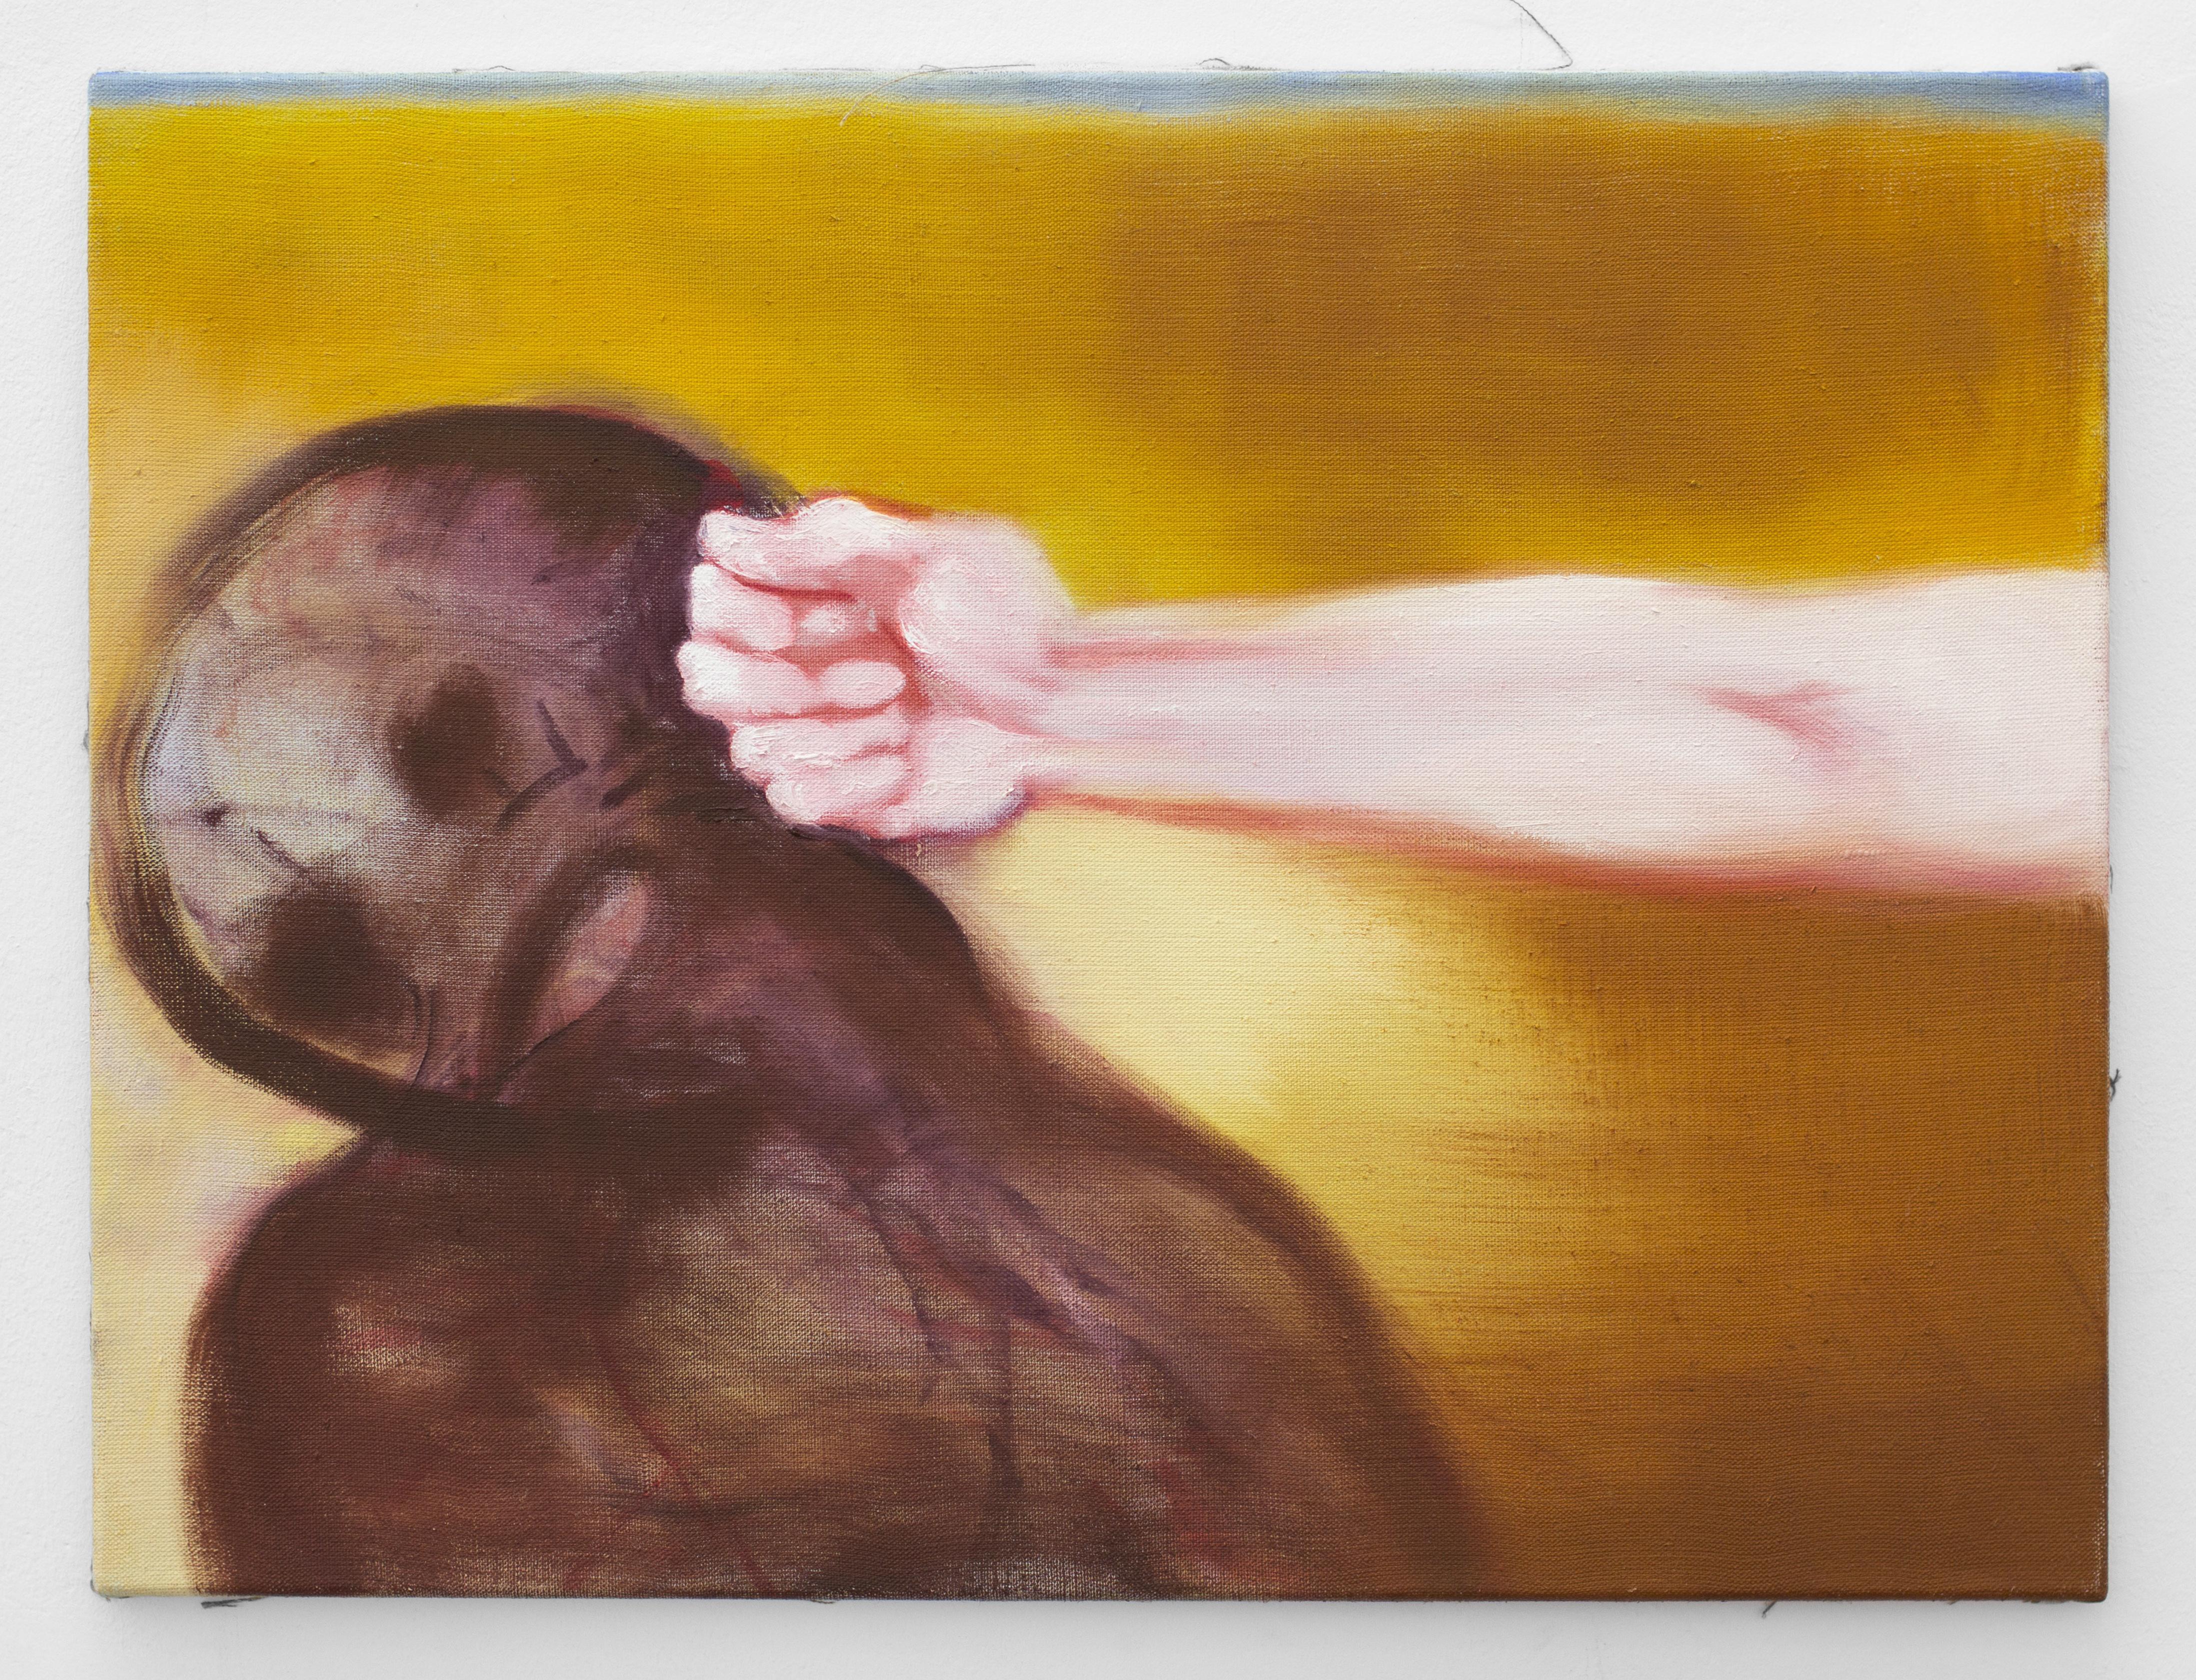 """Gallery Weekend: Zwischen zart und hart schwebt die Kunst von Miriam Cahn. Mit Werken wie """"aus der wüste"""" ist die Schweizer Künstlerin in der Galerie Meyer Riegger (9) zu sehen."""